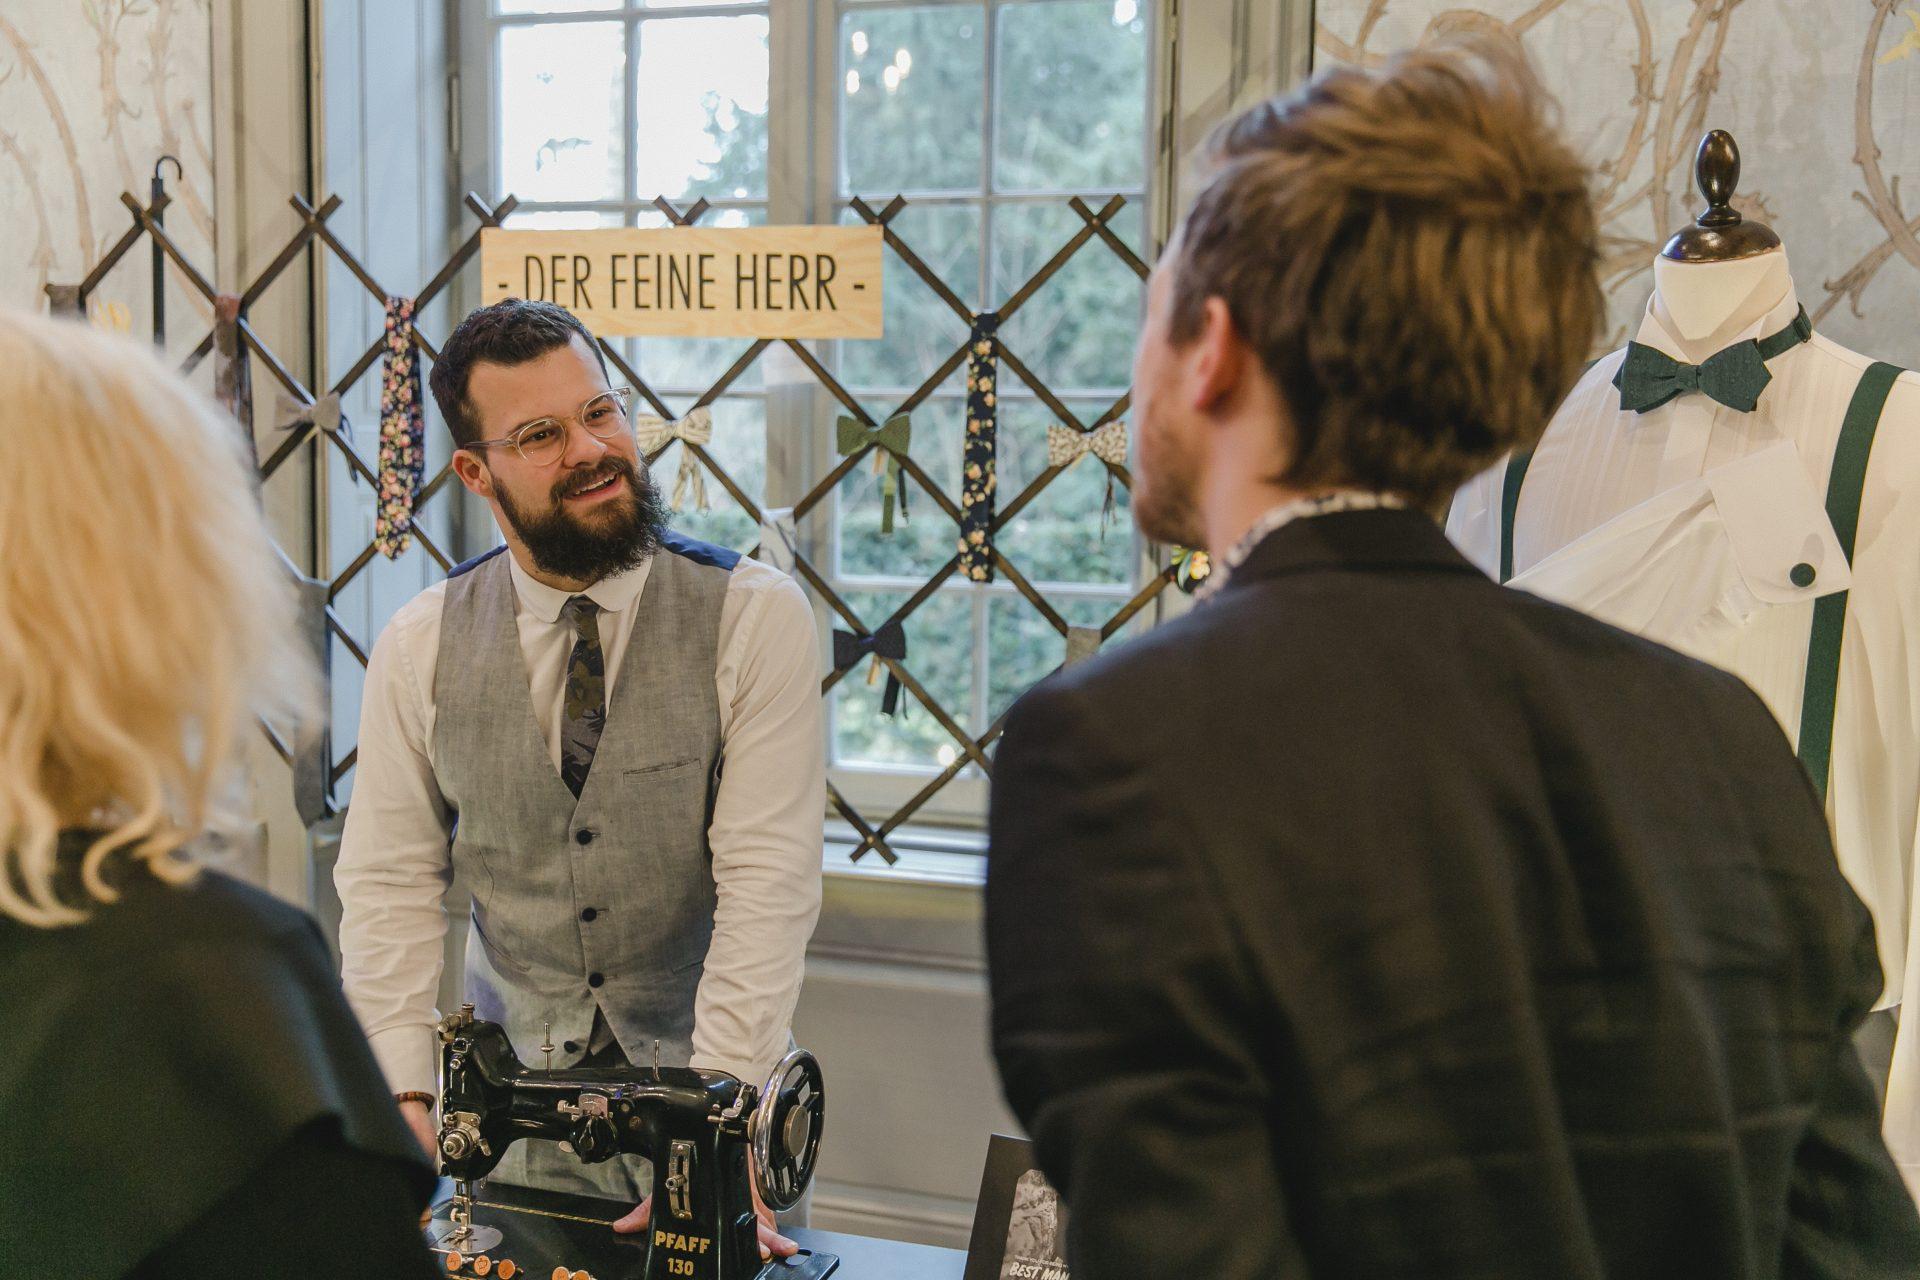 BDH-Hochzeitsmesse_Der feine Herr